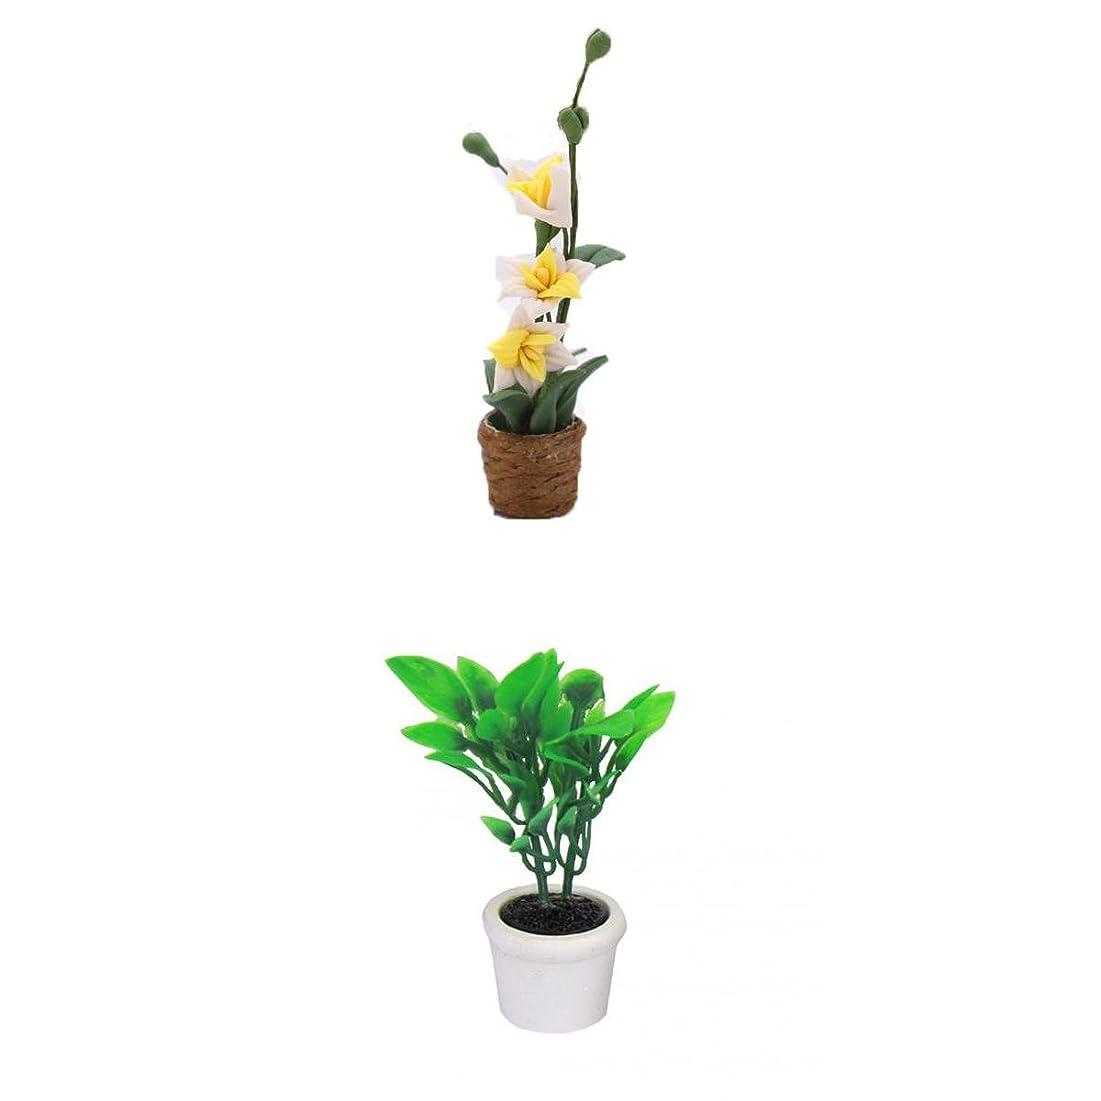 ラップ洗練呼びかける#N/A ドールハウス 植物 白い蘭花 オーキッドフラワー 1/12 手作り アクセサリー+ドールハウス用 白いポット 緑色植物 飾り 1/12 DIY